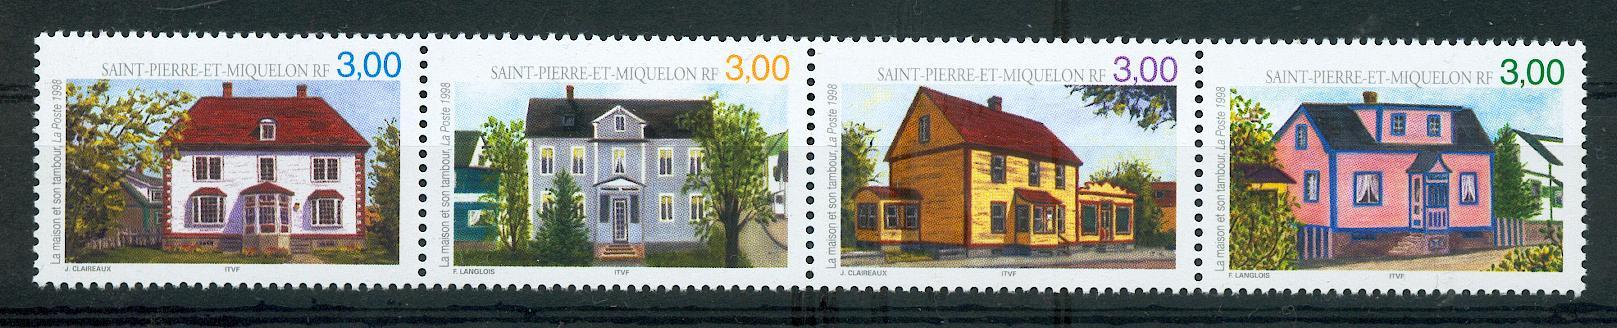 Saint Pierre et Miquelon 676 679 maisons en bande 1998 À LA FACIALE neuf ** TB MNH sin charne